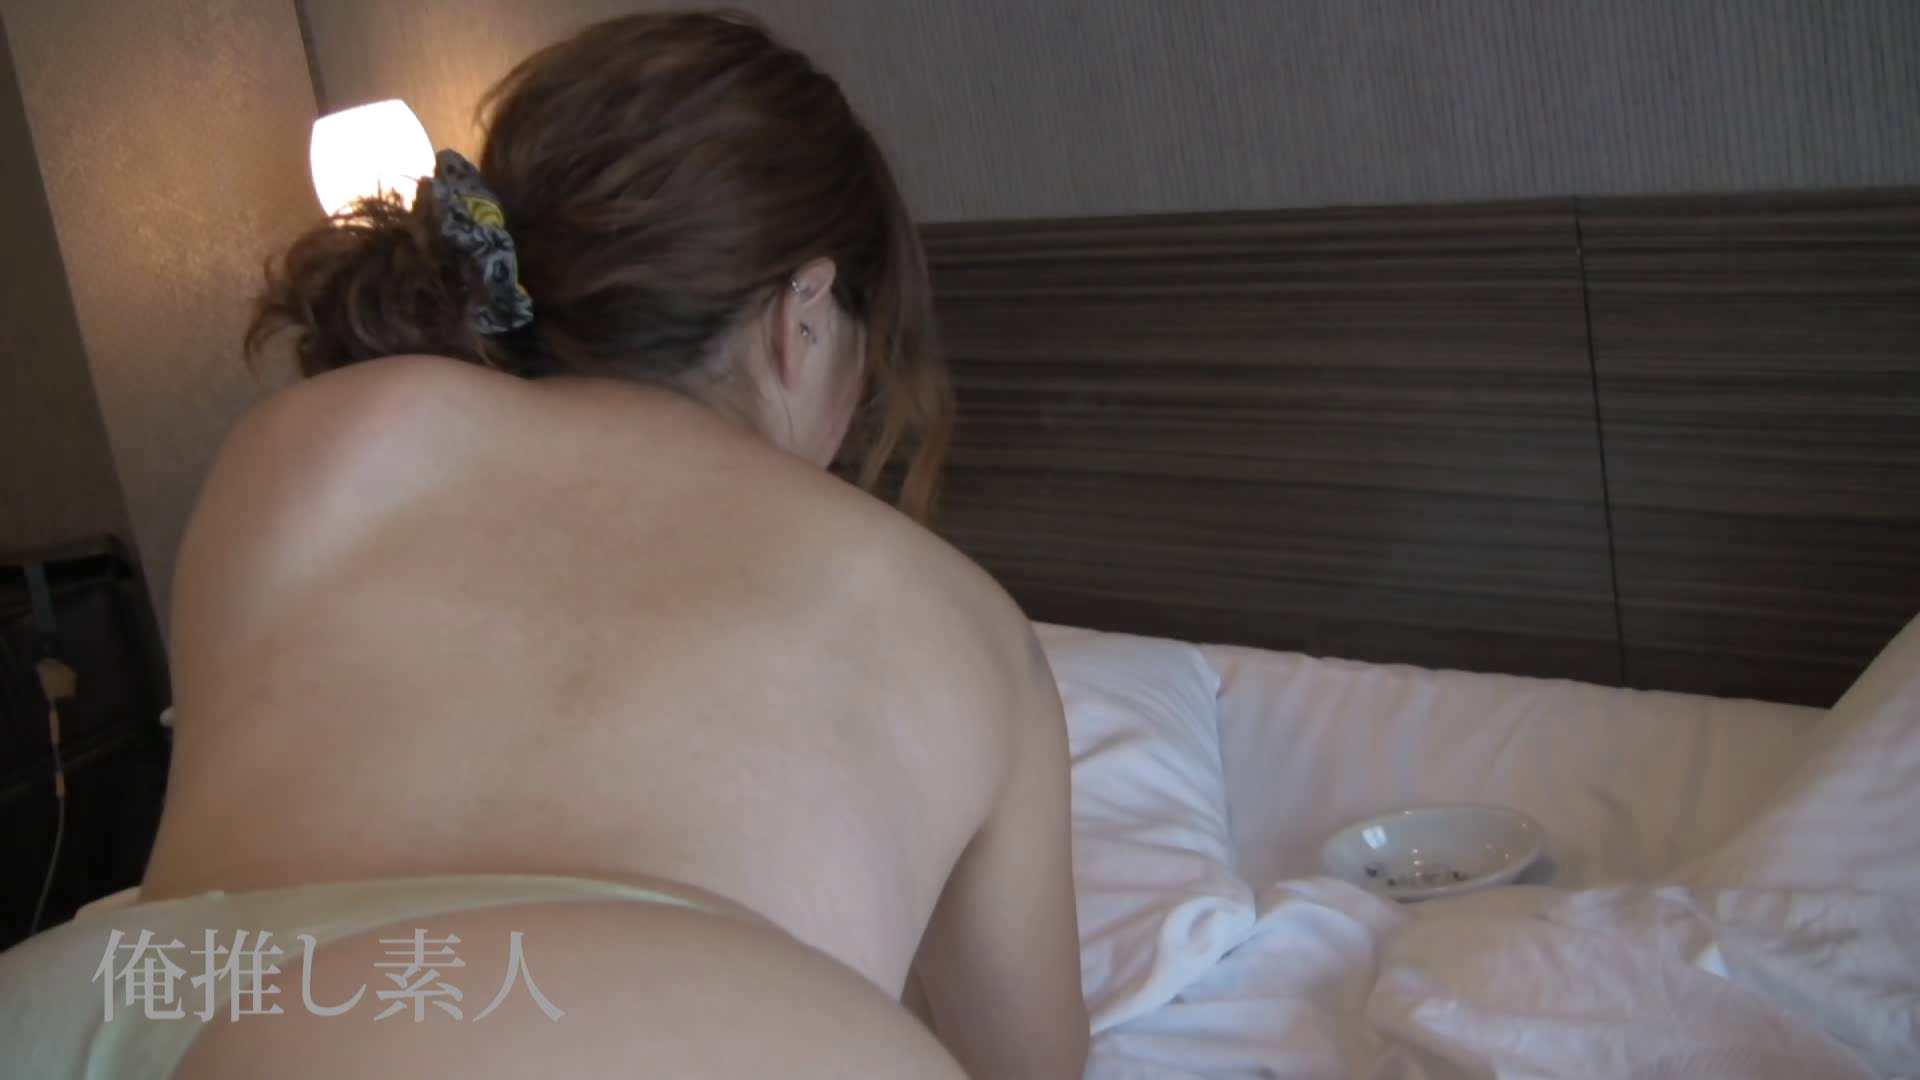 俺推し素人 キャバクラ嬢26歳久美vol5 OL裸体 | ギャル達のセックス  91画像 42